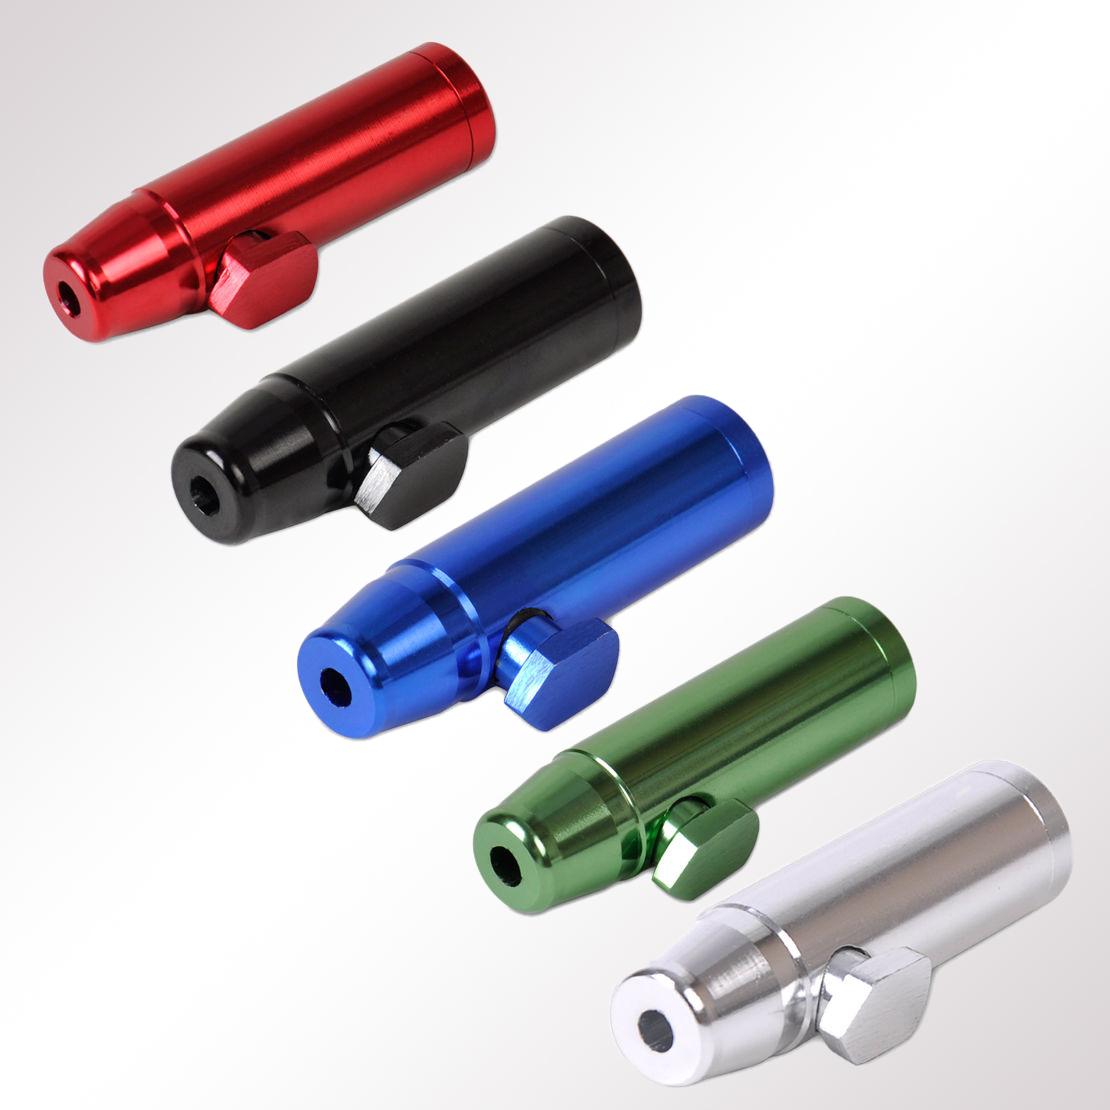 Kau- & Schnupftabak-Zubehör für Sammler Neu Grün Raketen-Stil Alu Schnupftabak Dosierer Snuff  Groß Spender Dispenser